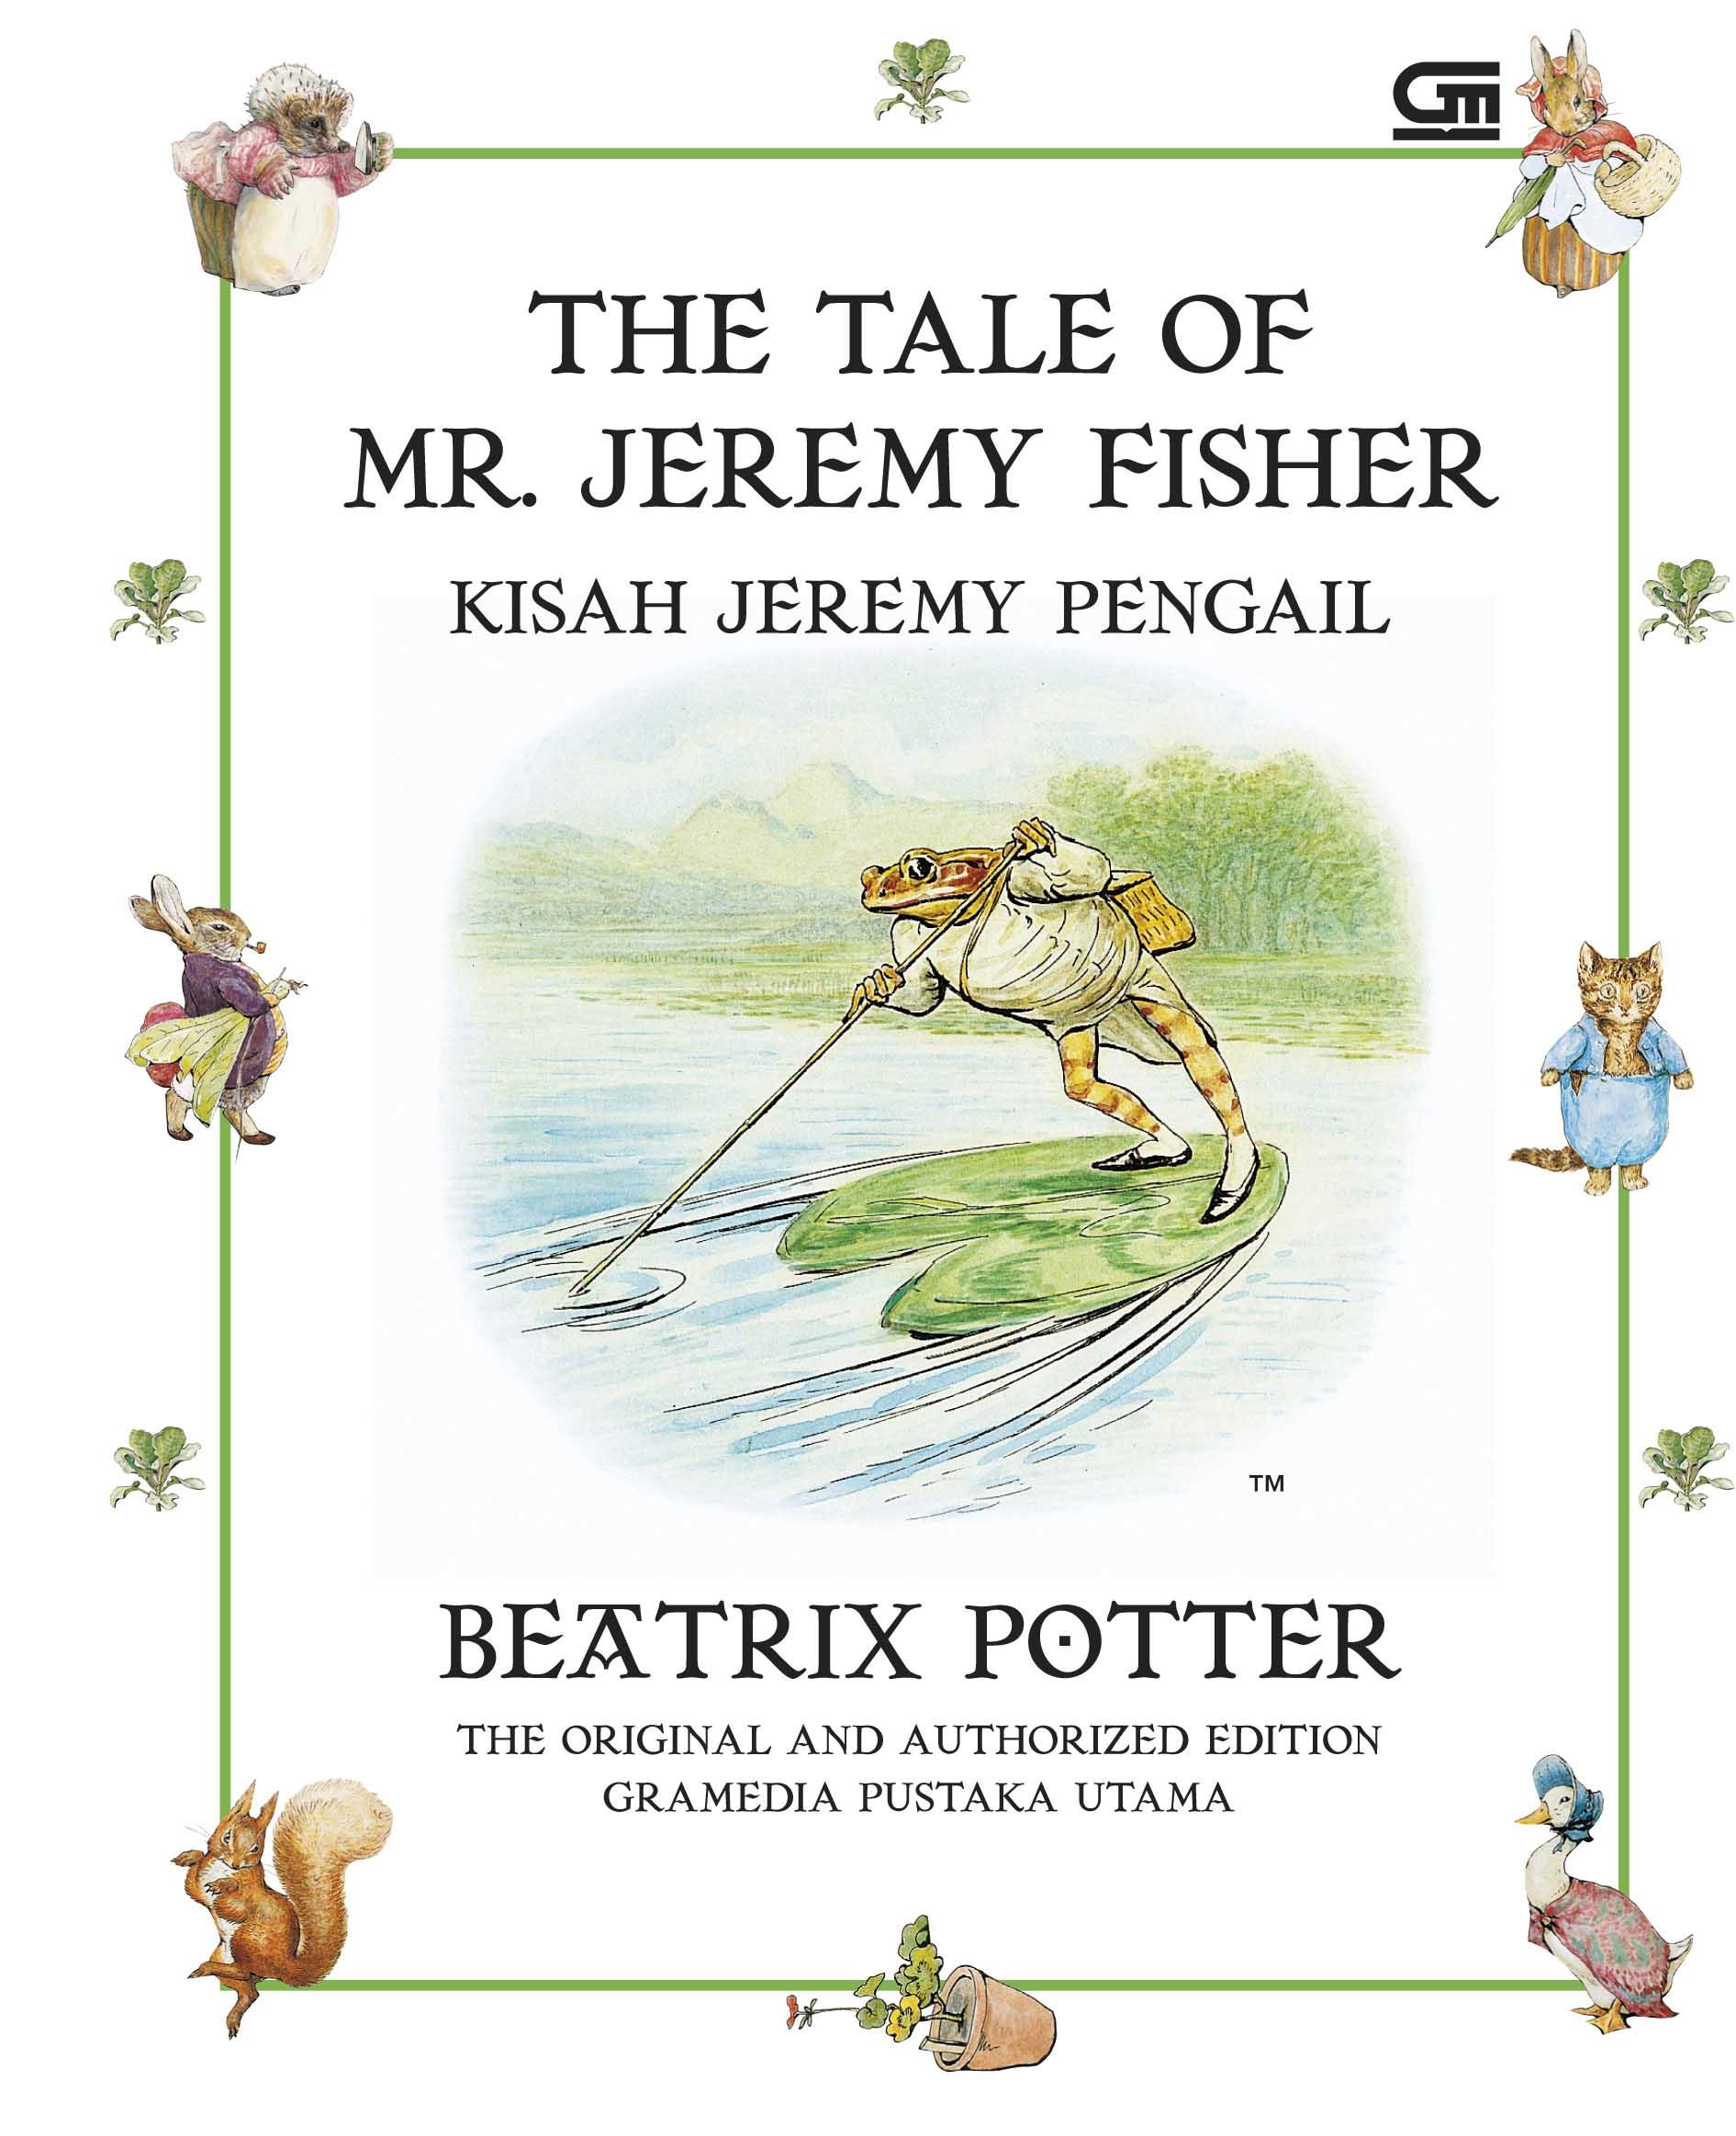 Kisah Jeremy Pengail (The Tale of Jeremy Fisher)